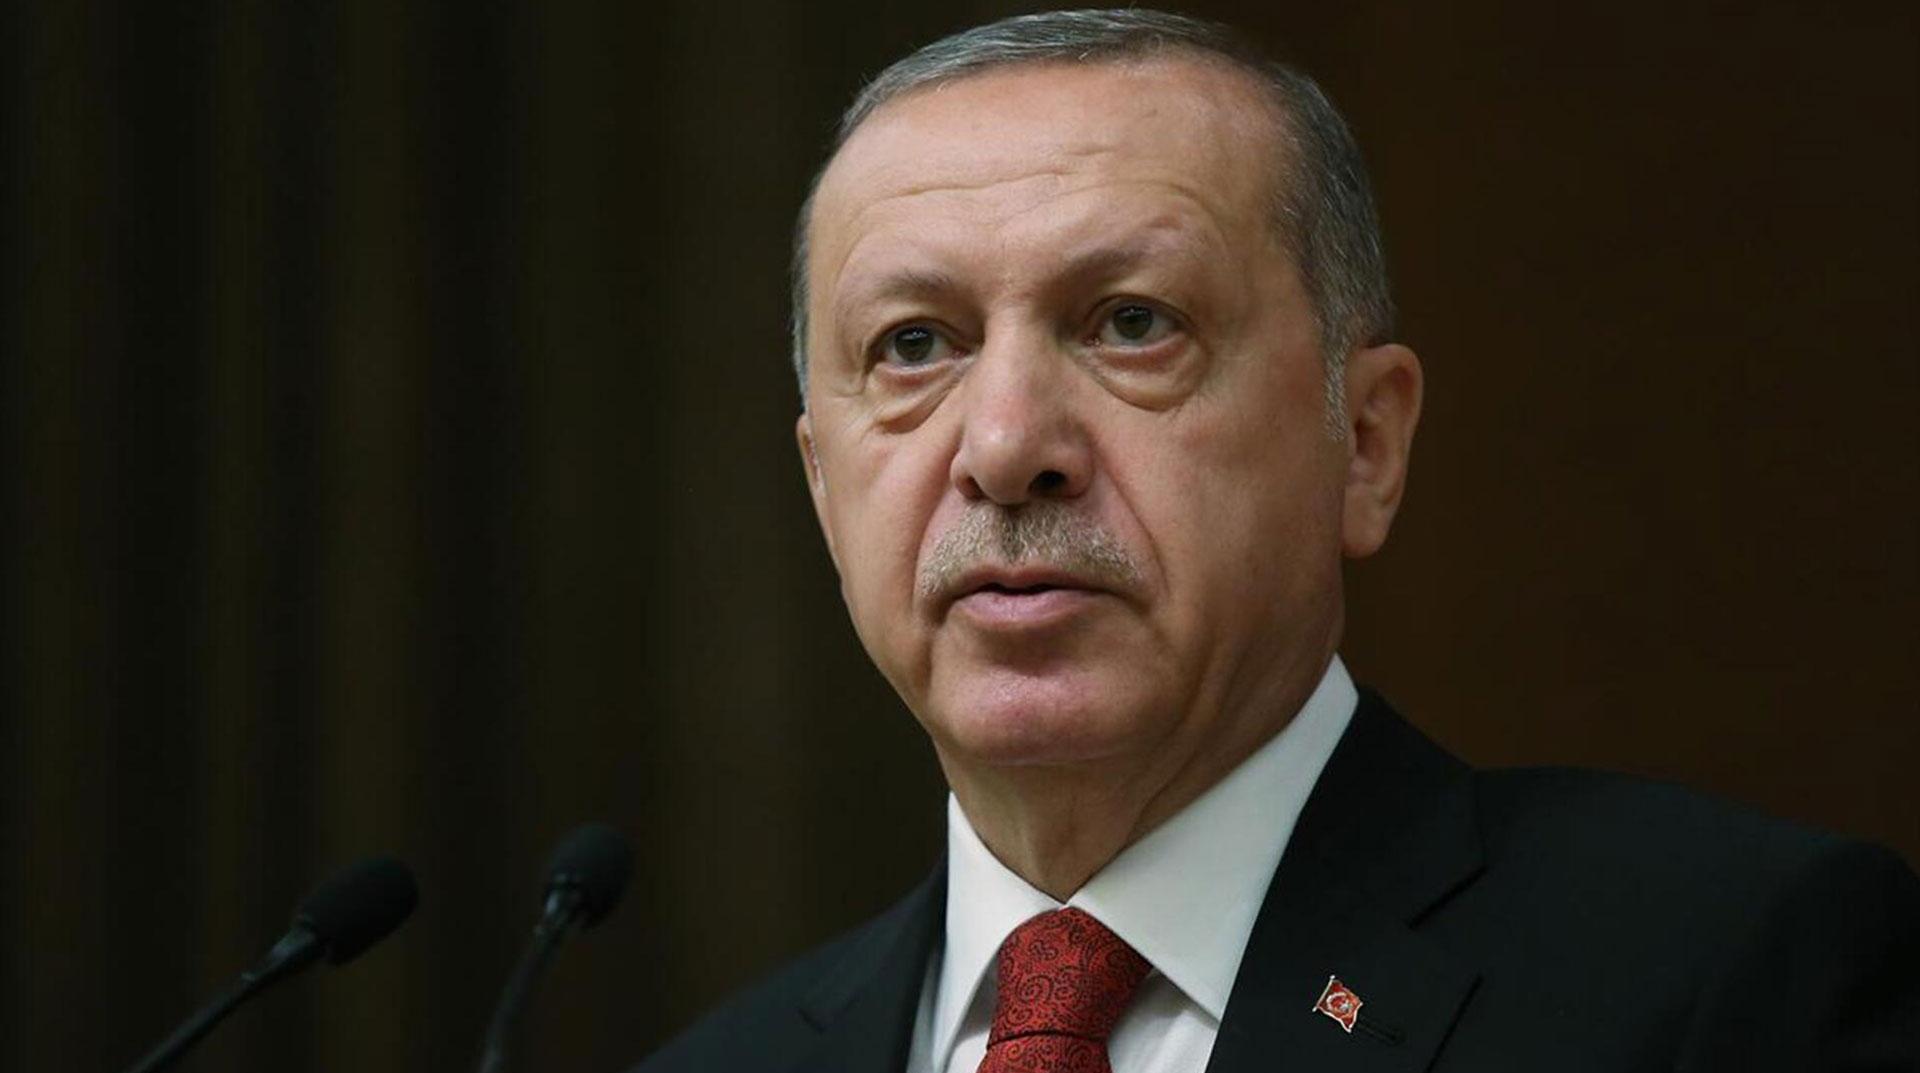 Erdoğan Suriye'den Gelen Yeni Göç Dalgası Hakkında Konuştu